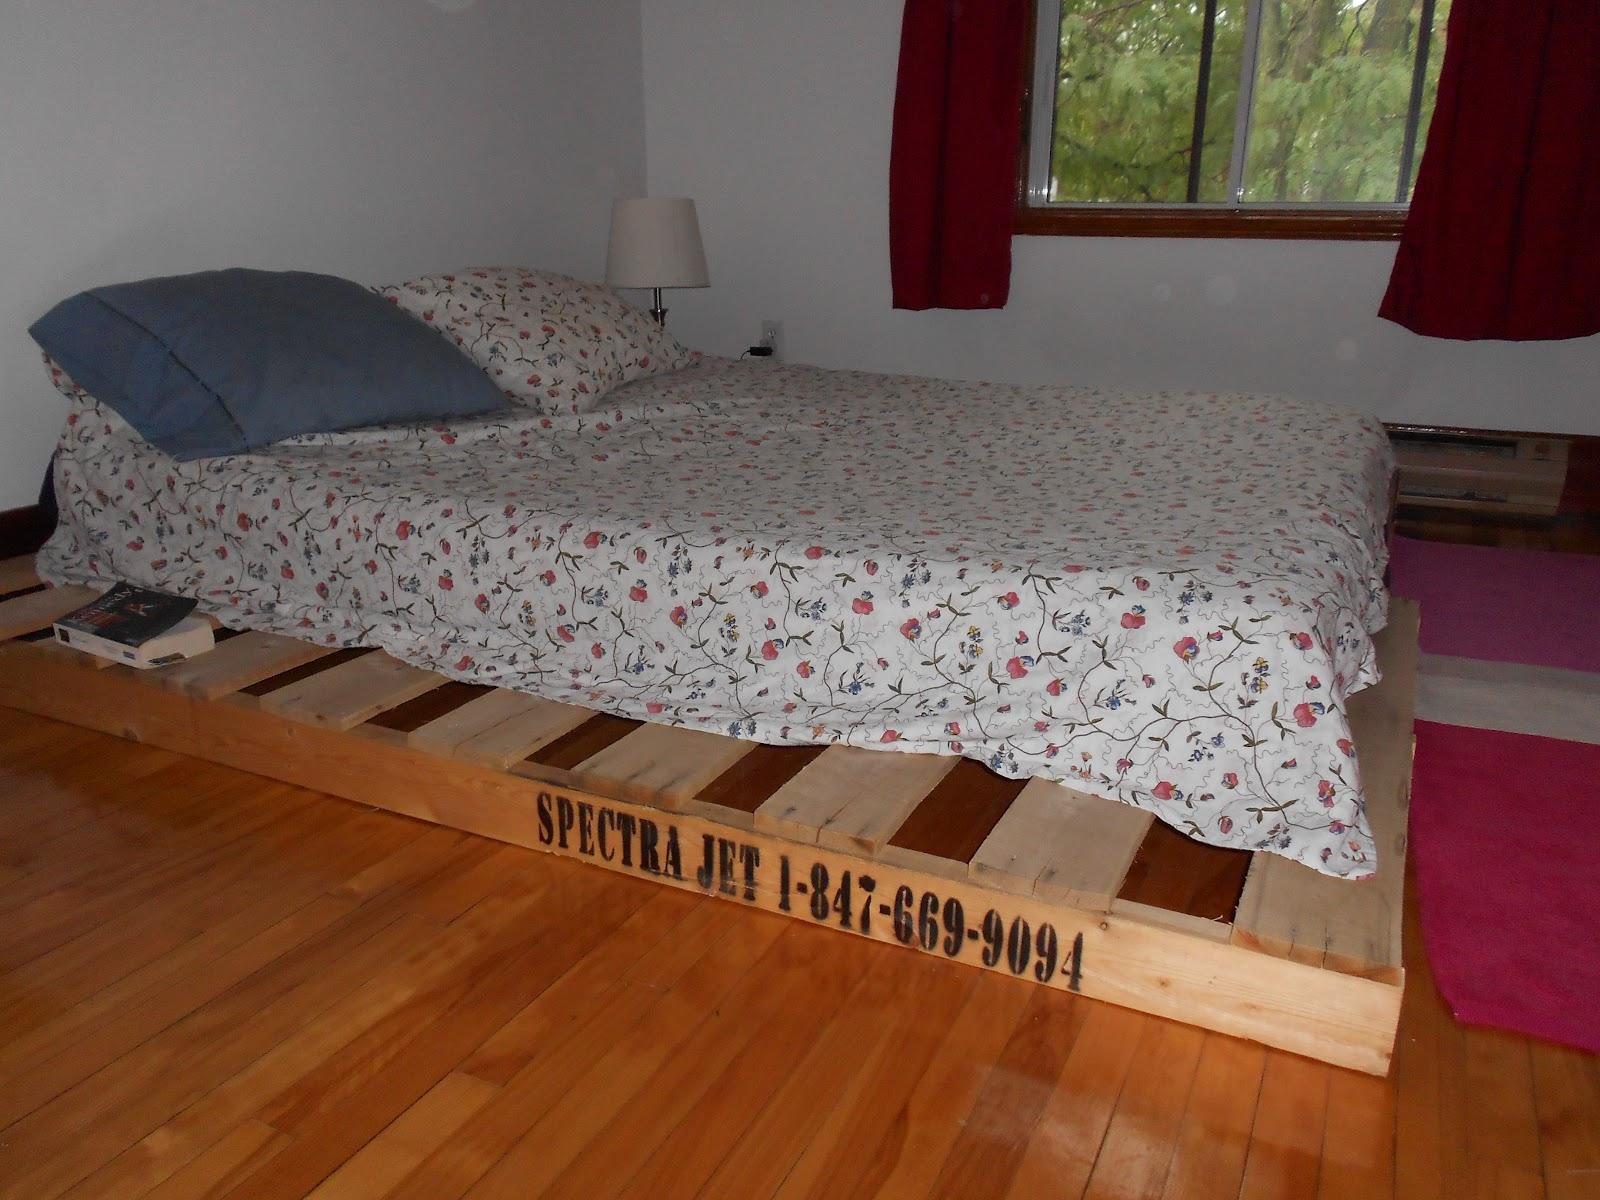 things trucs very nice des palettes dans le d cor. Black Bedroom Furniture Sets. Home Design Ideas